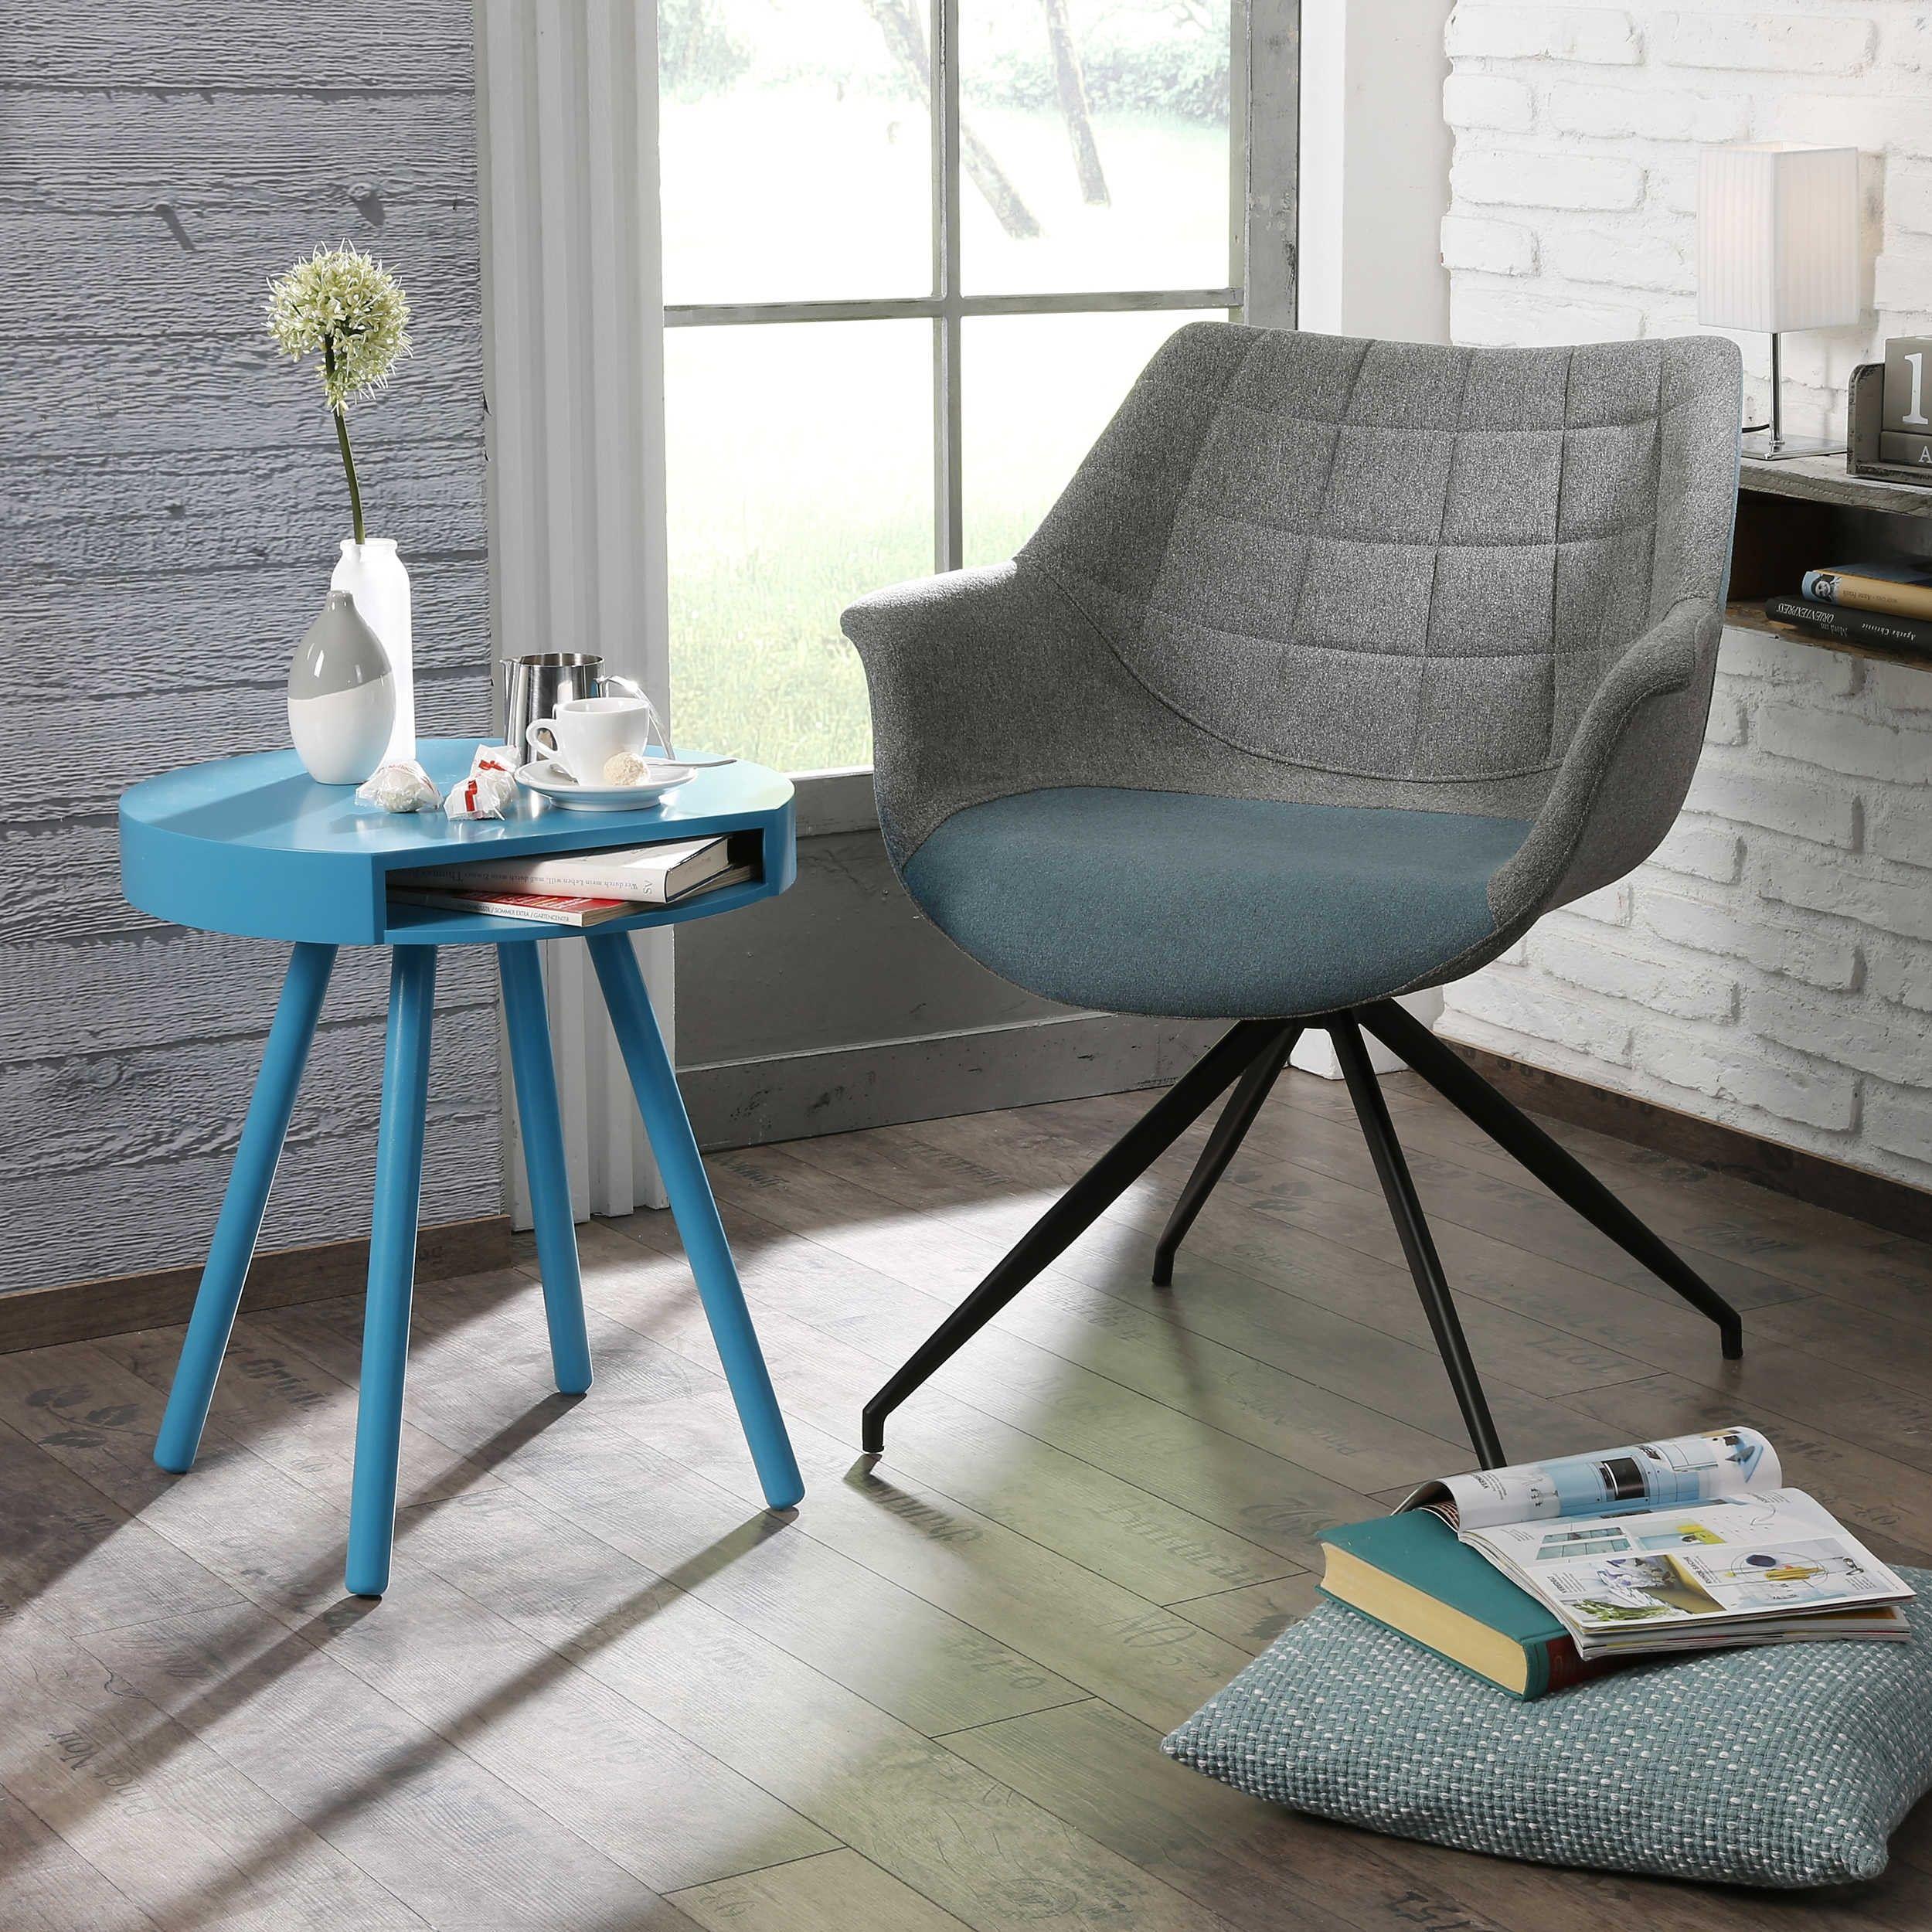 Zuiver Stuhl Doulton Grau 4 Fuß Stühle Stühle Freischwinger